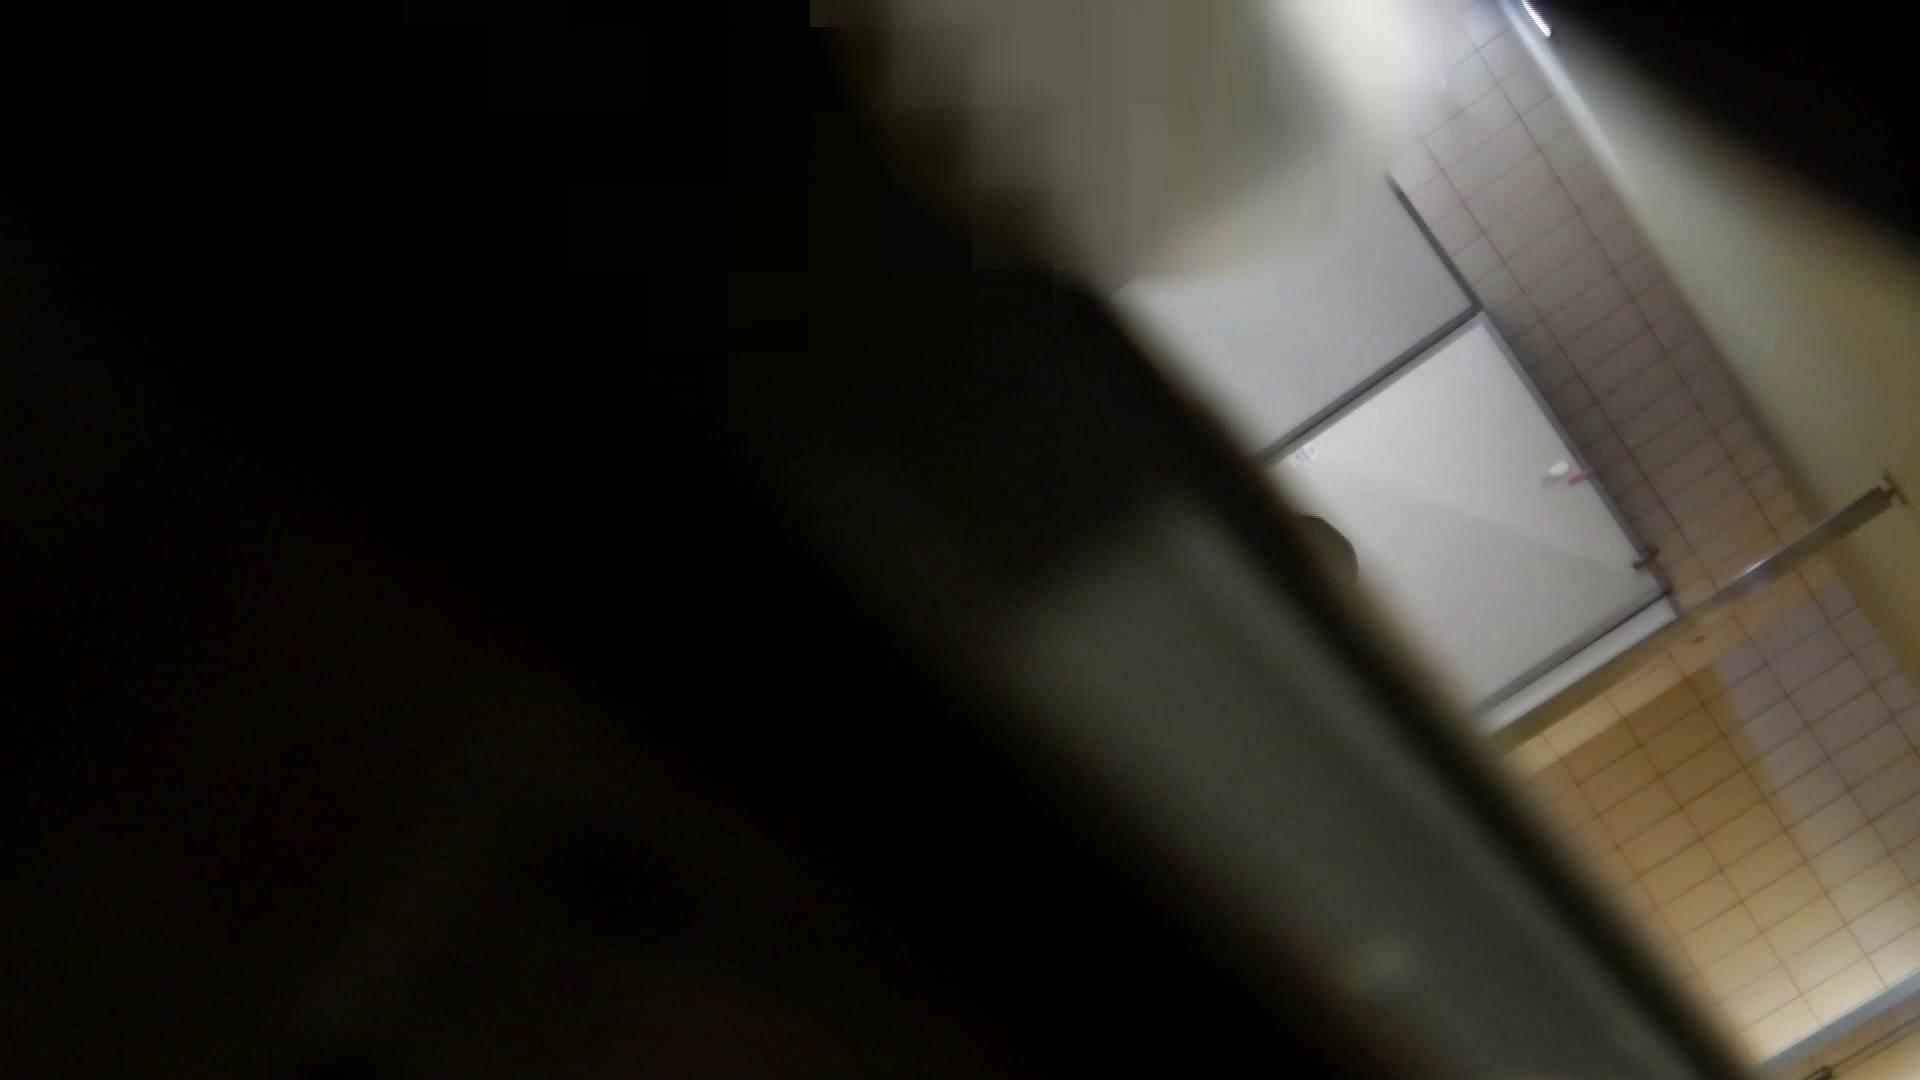 駅隣接デパート Vol.09 お久しぶりです。GIFTです。 胸チラ  99PIX 96